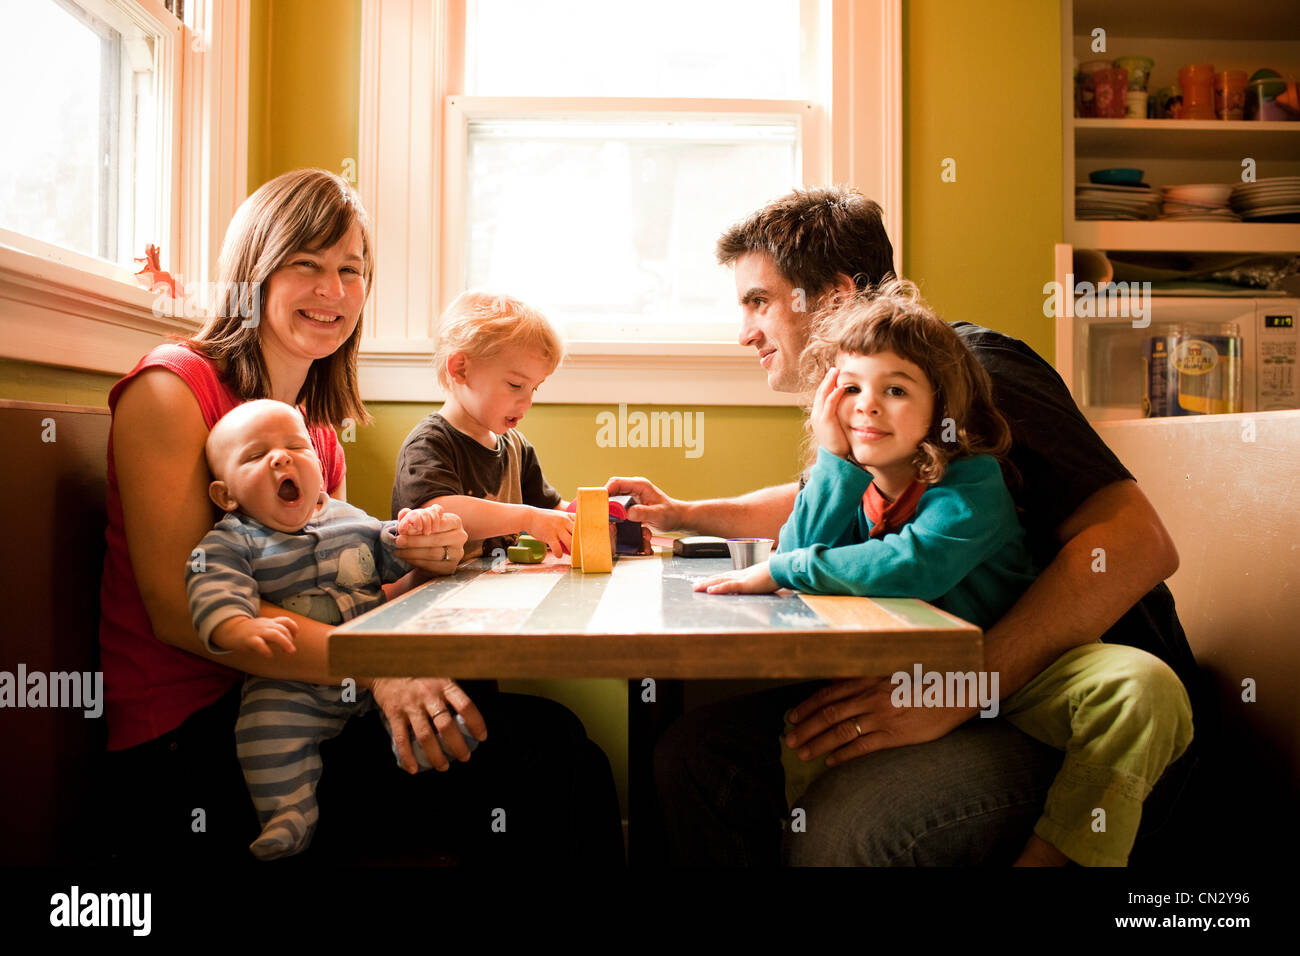 Famiglia seduta al tavolo della cucina Immagini Stock